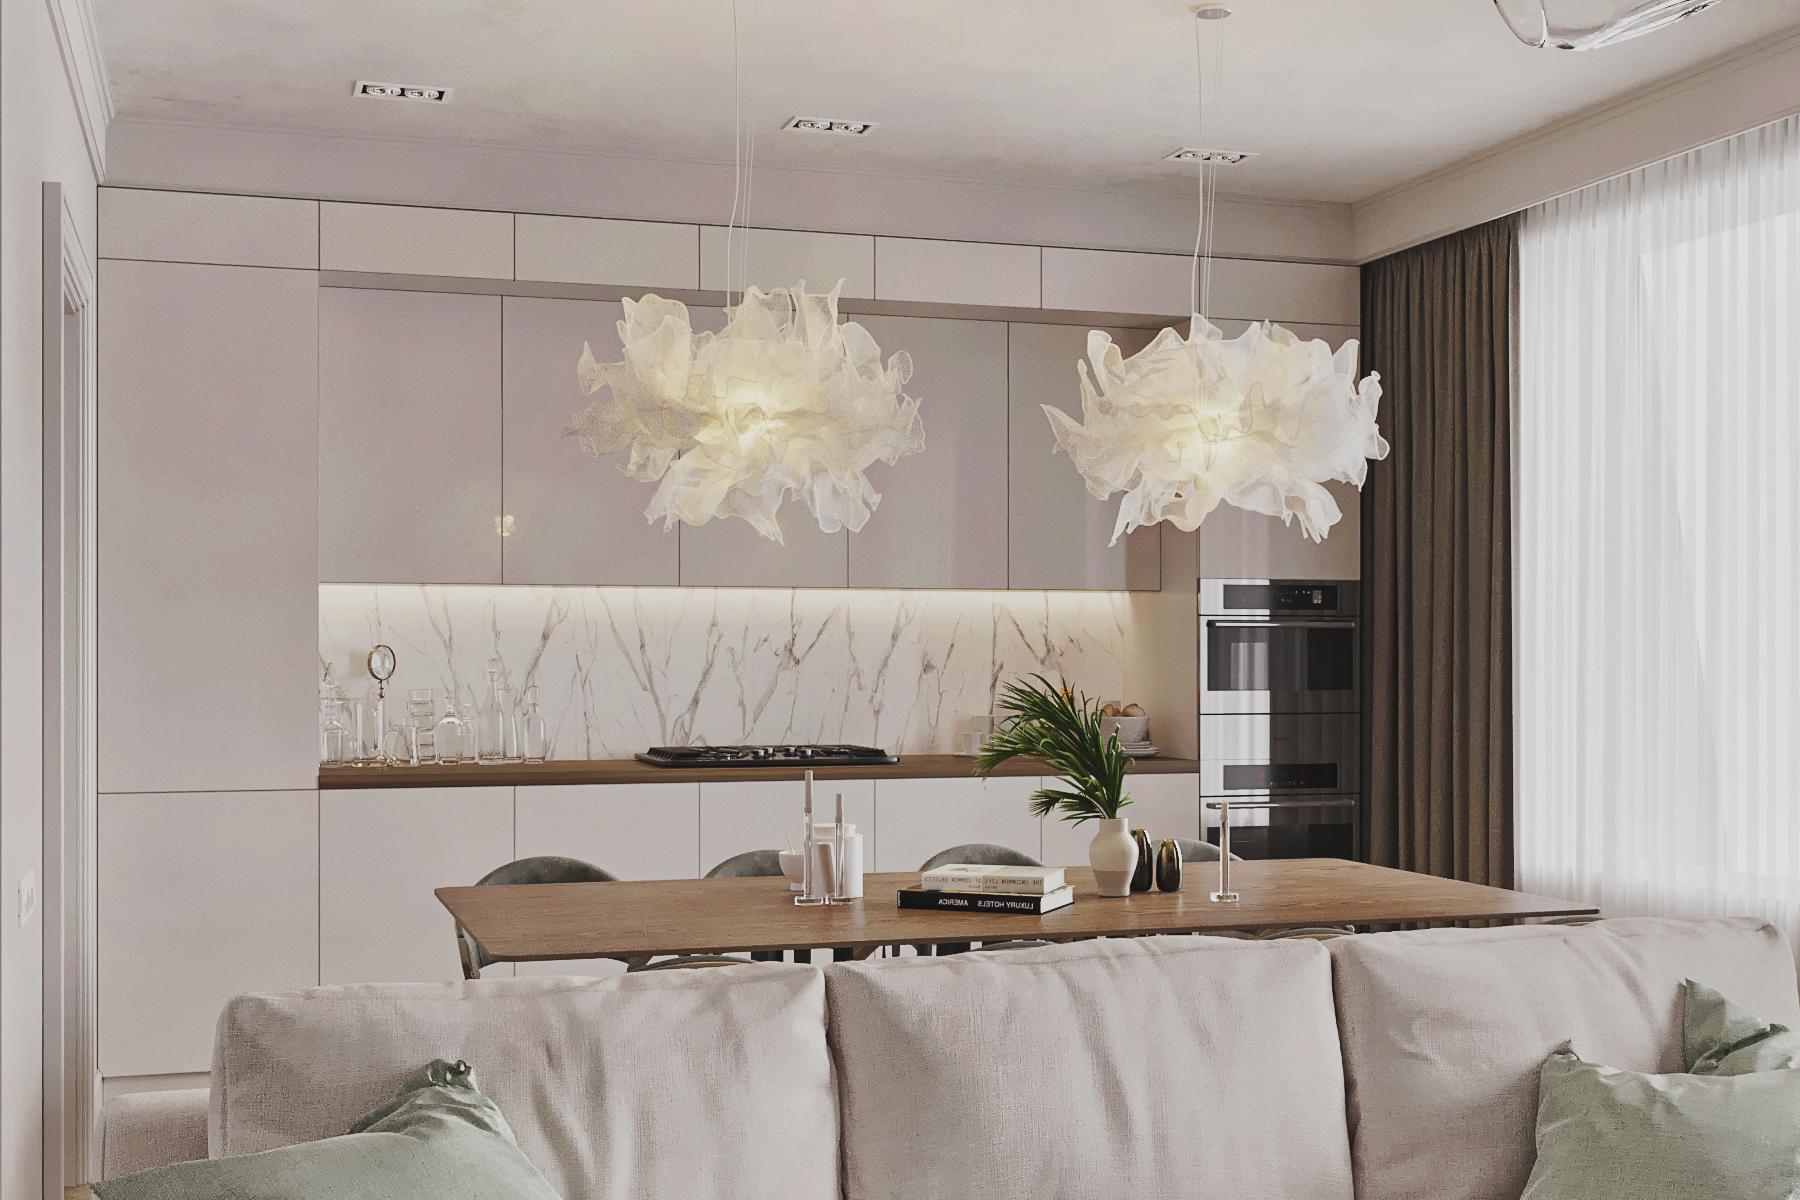 https://avantum-remont.ru/wp-content/uploads/2015/05/kitchen_View05.jpg